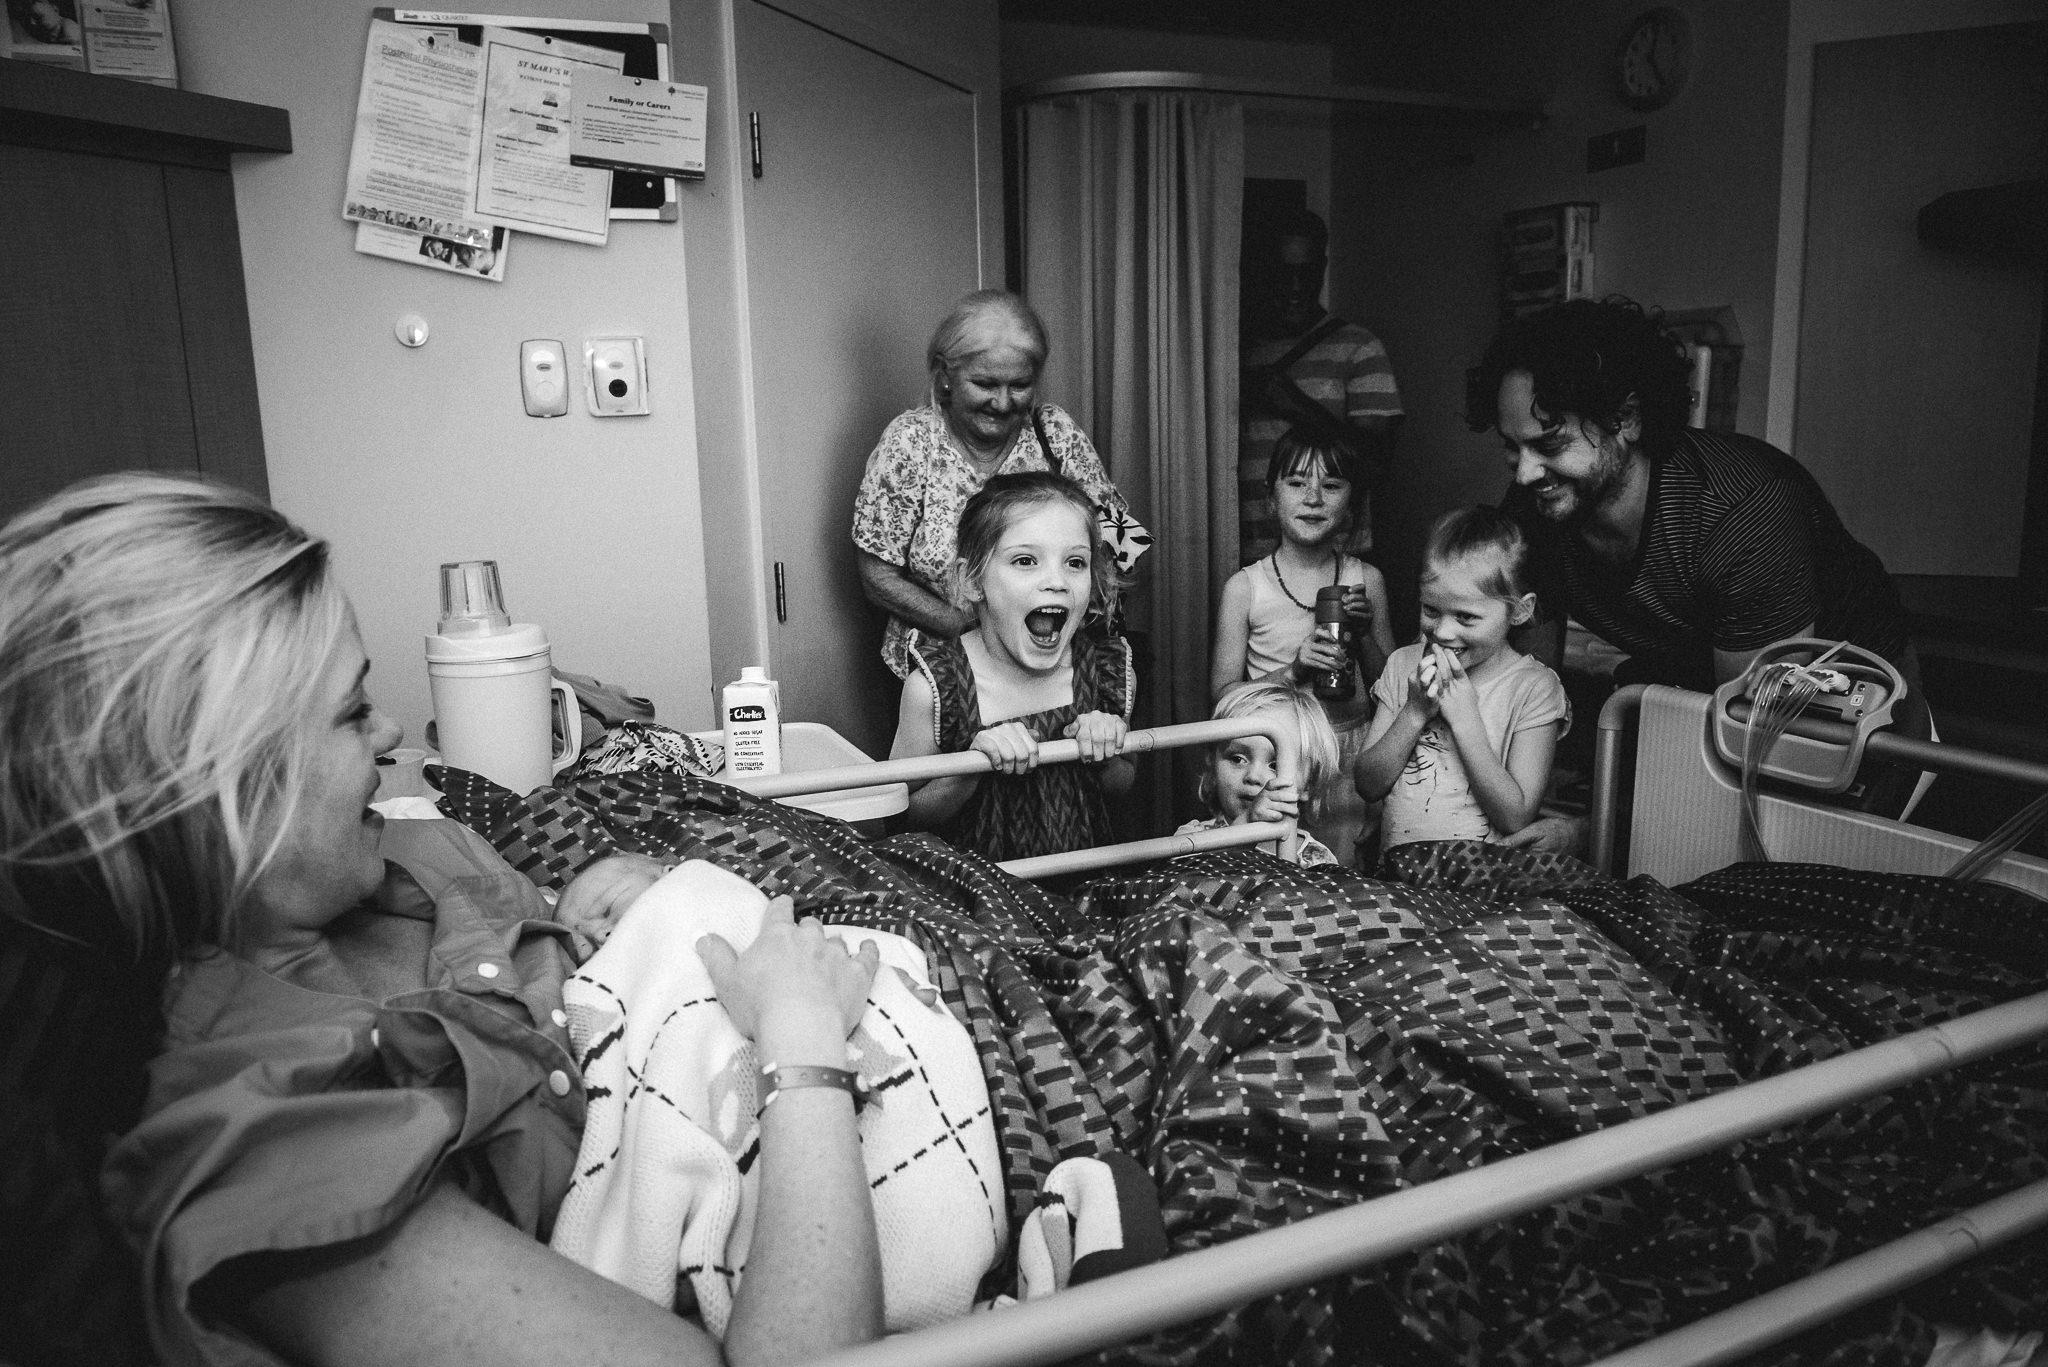 Belle Verdiglione Birth Photography Photographer Birth Story Documentary Noah Gentle Scheduled Caesarean